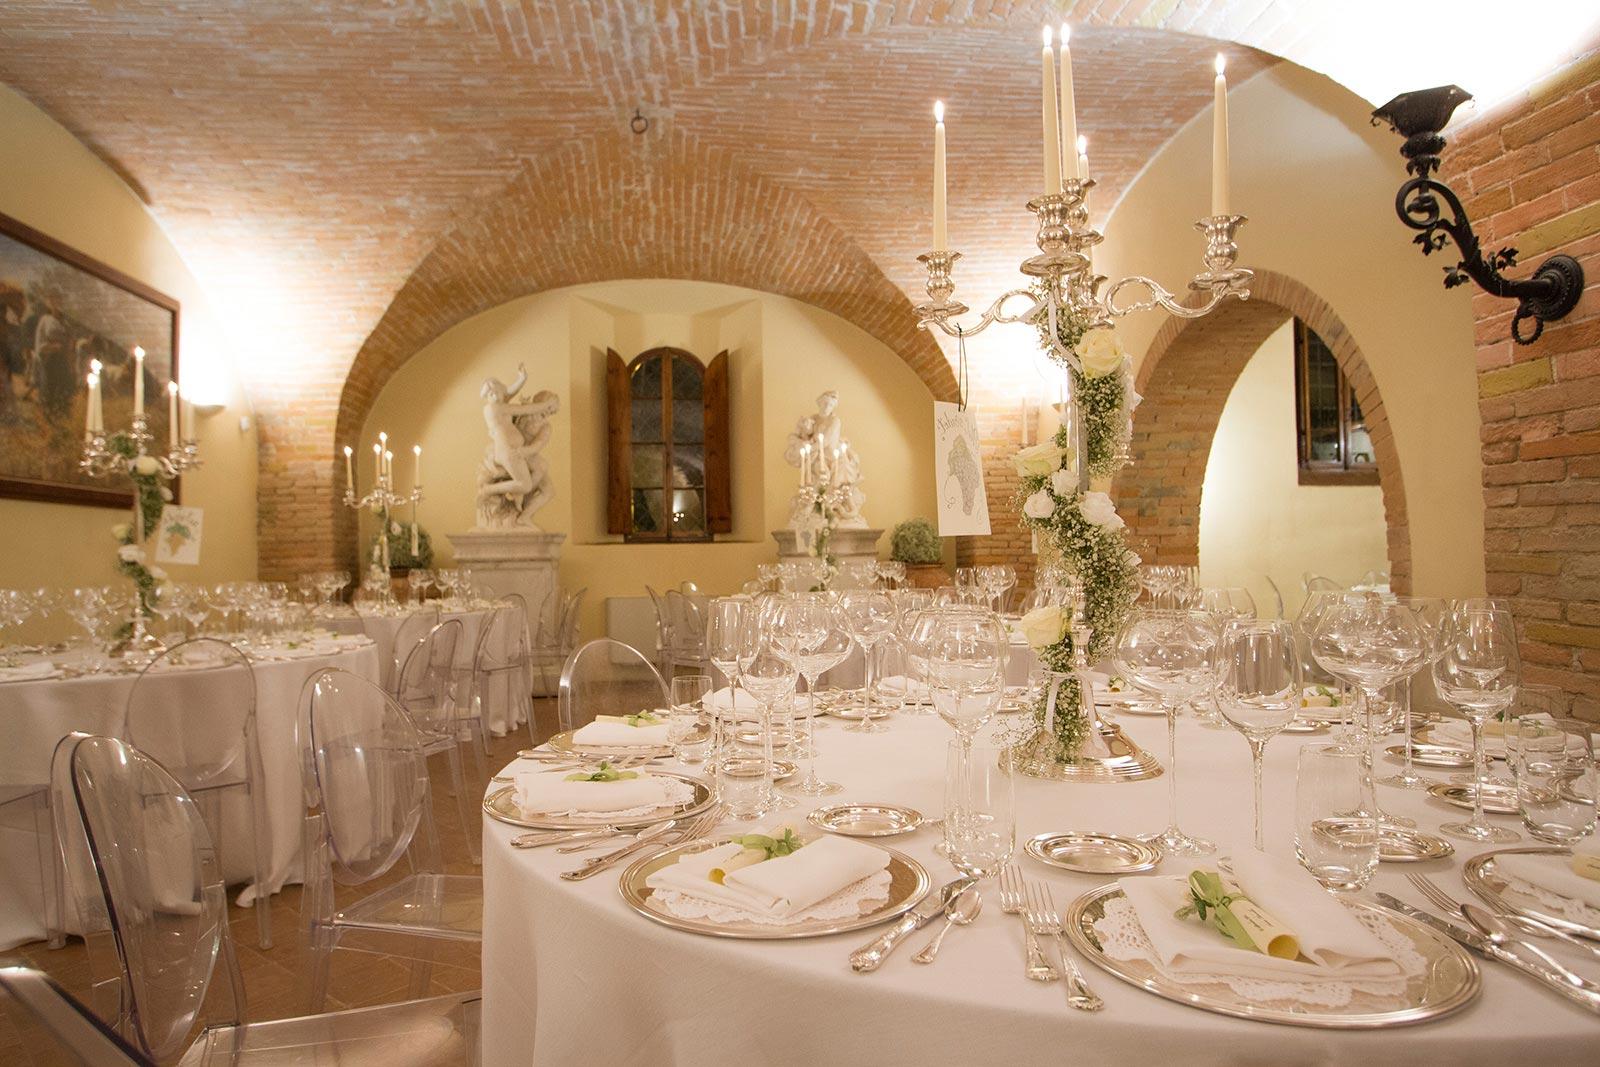 Della Villa Ristorante